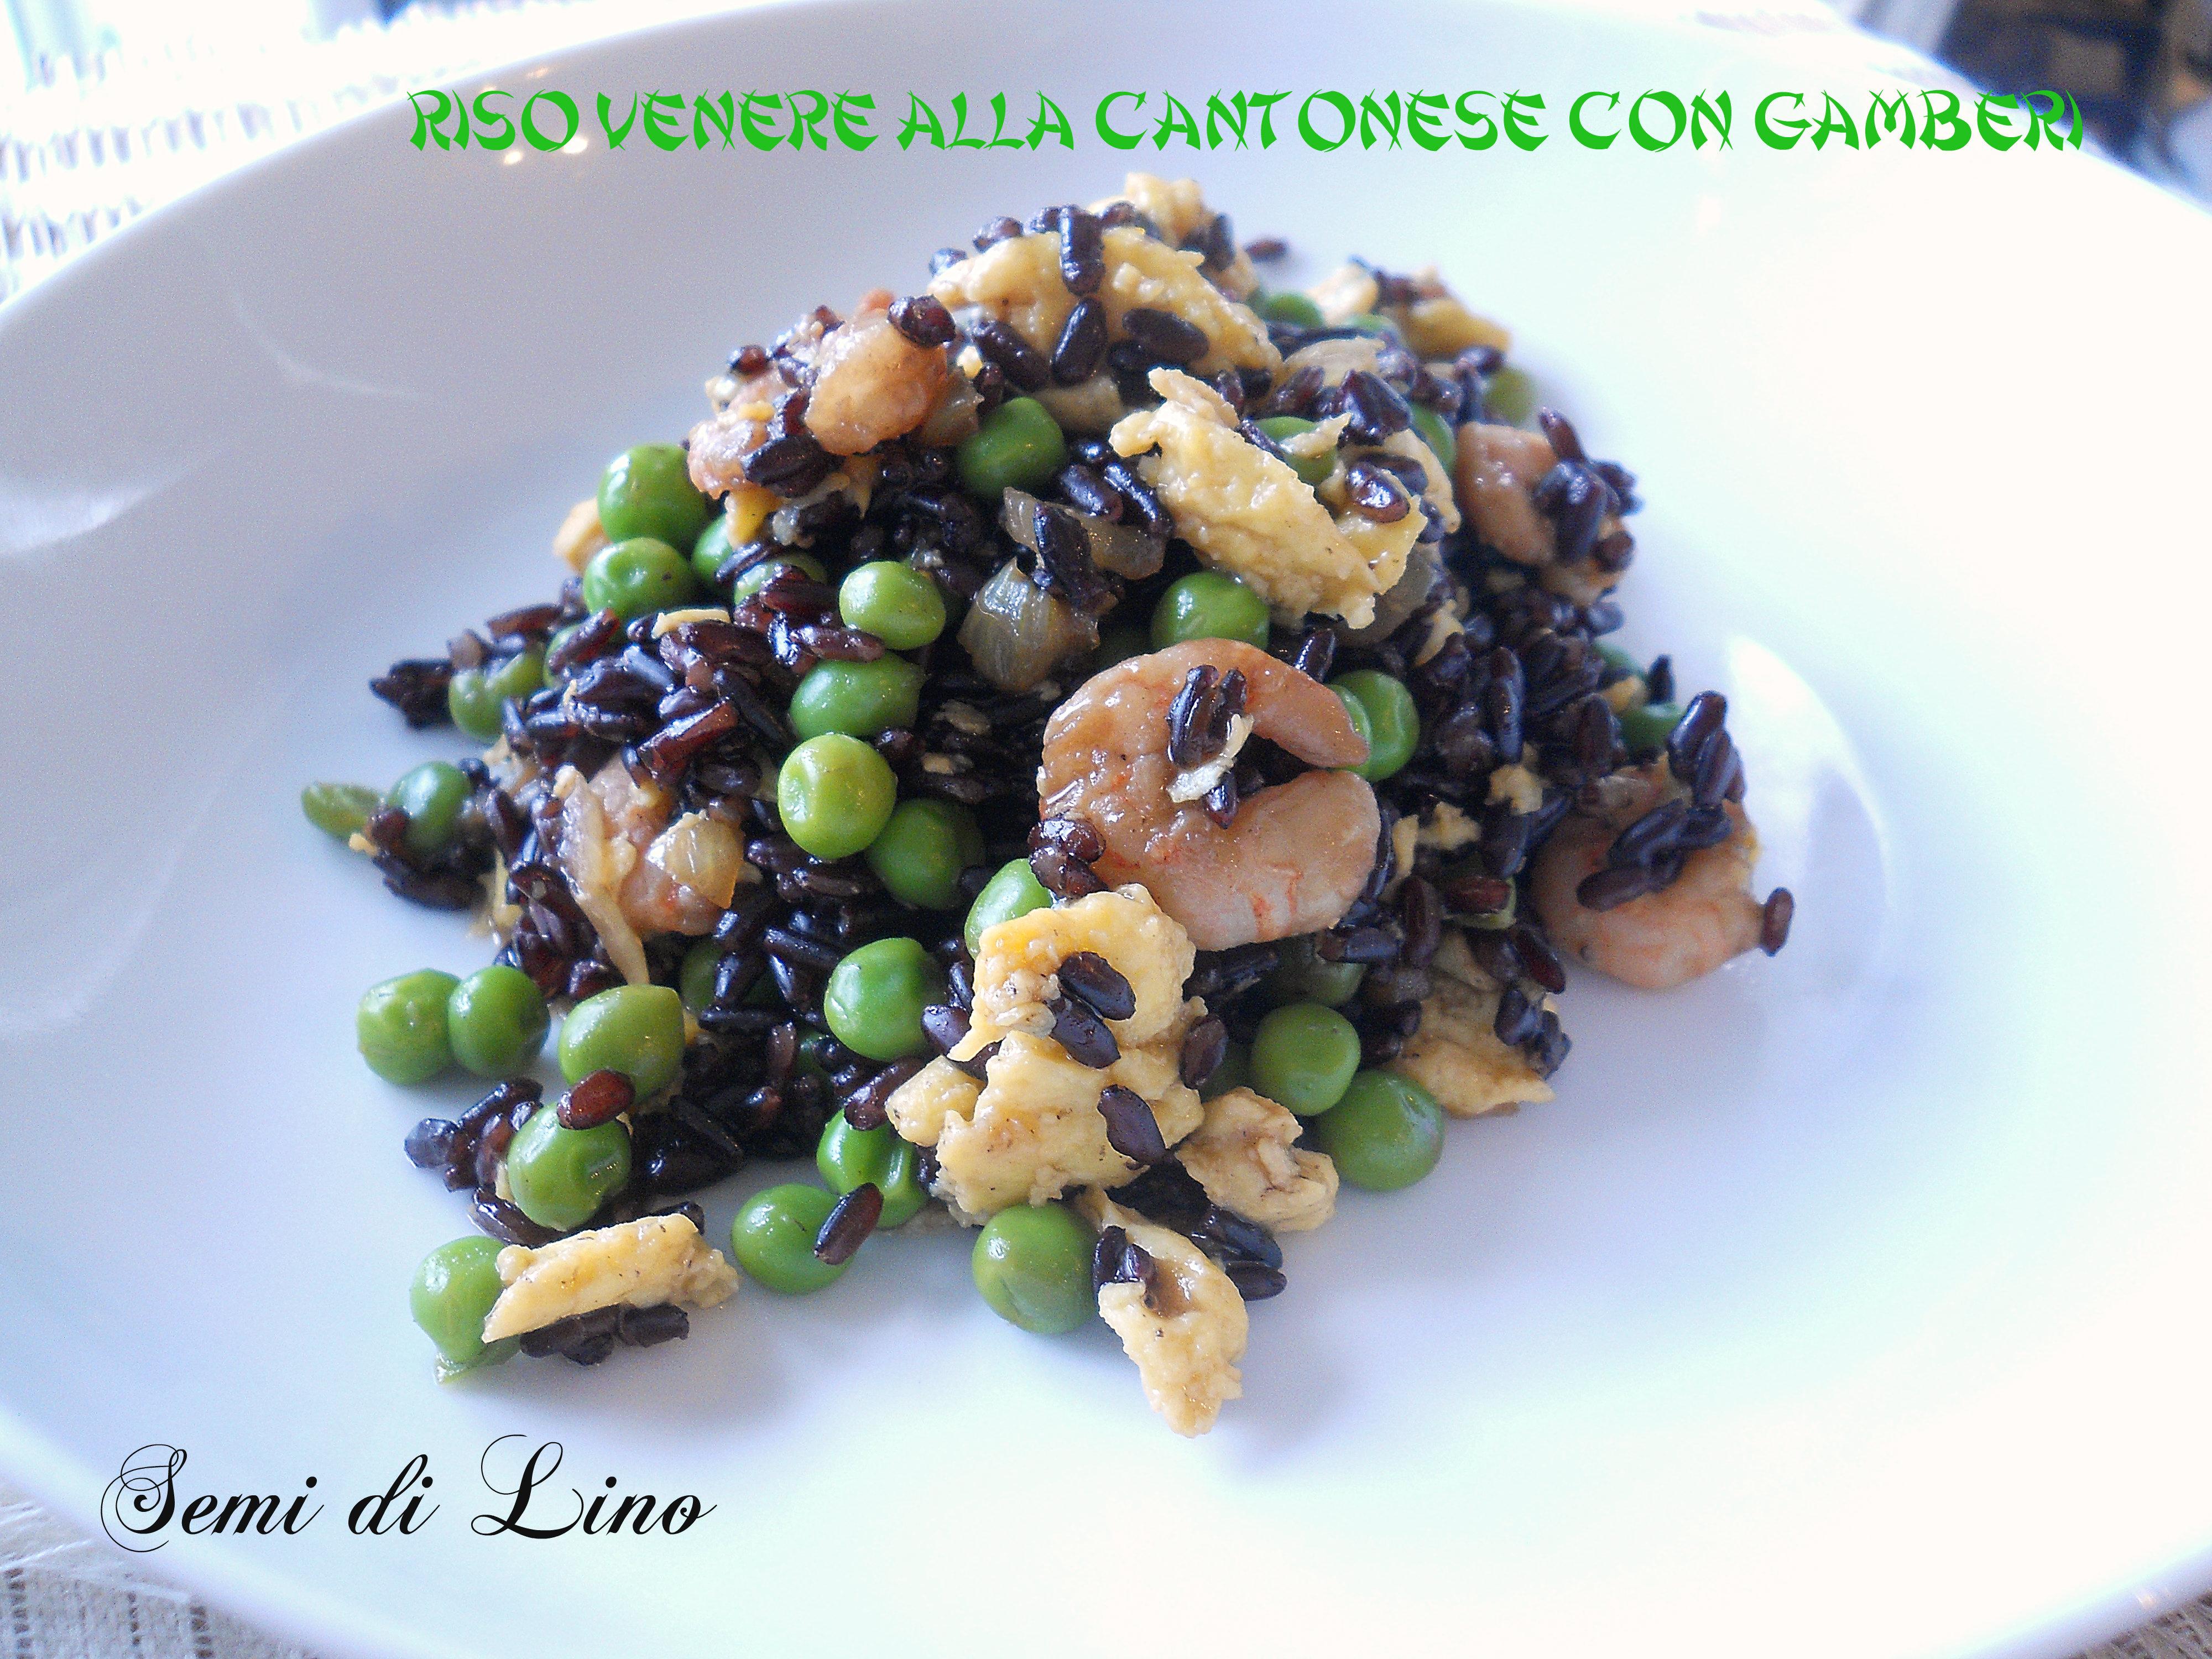 Favorito Riso venere con gamberi: ricetta orientale OM96